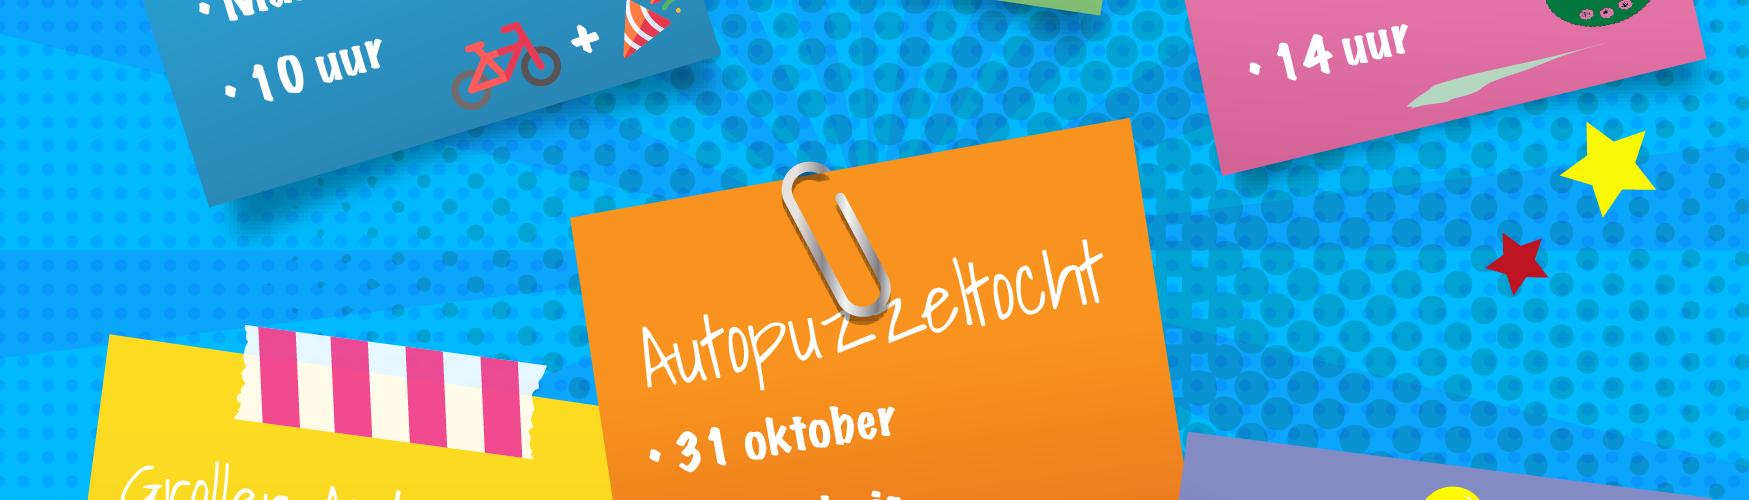 Voorkant_kalender